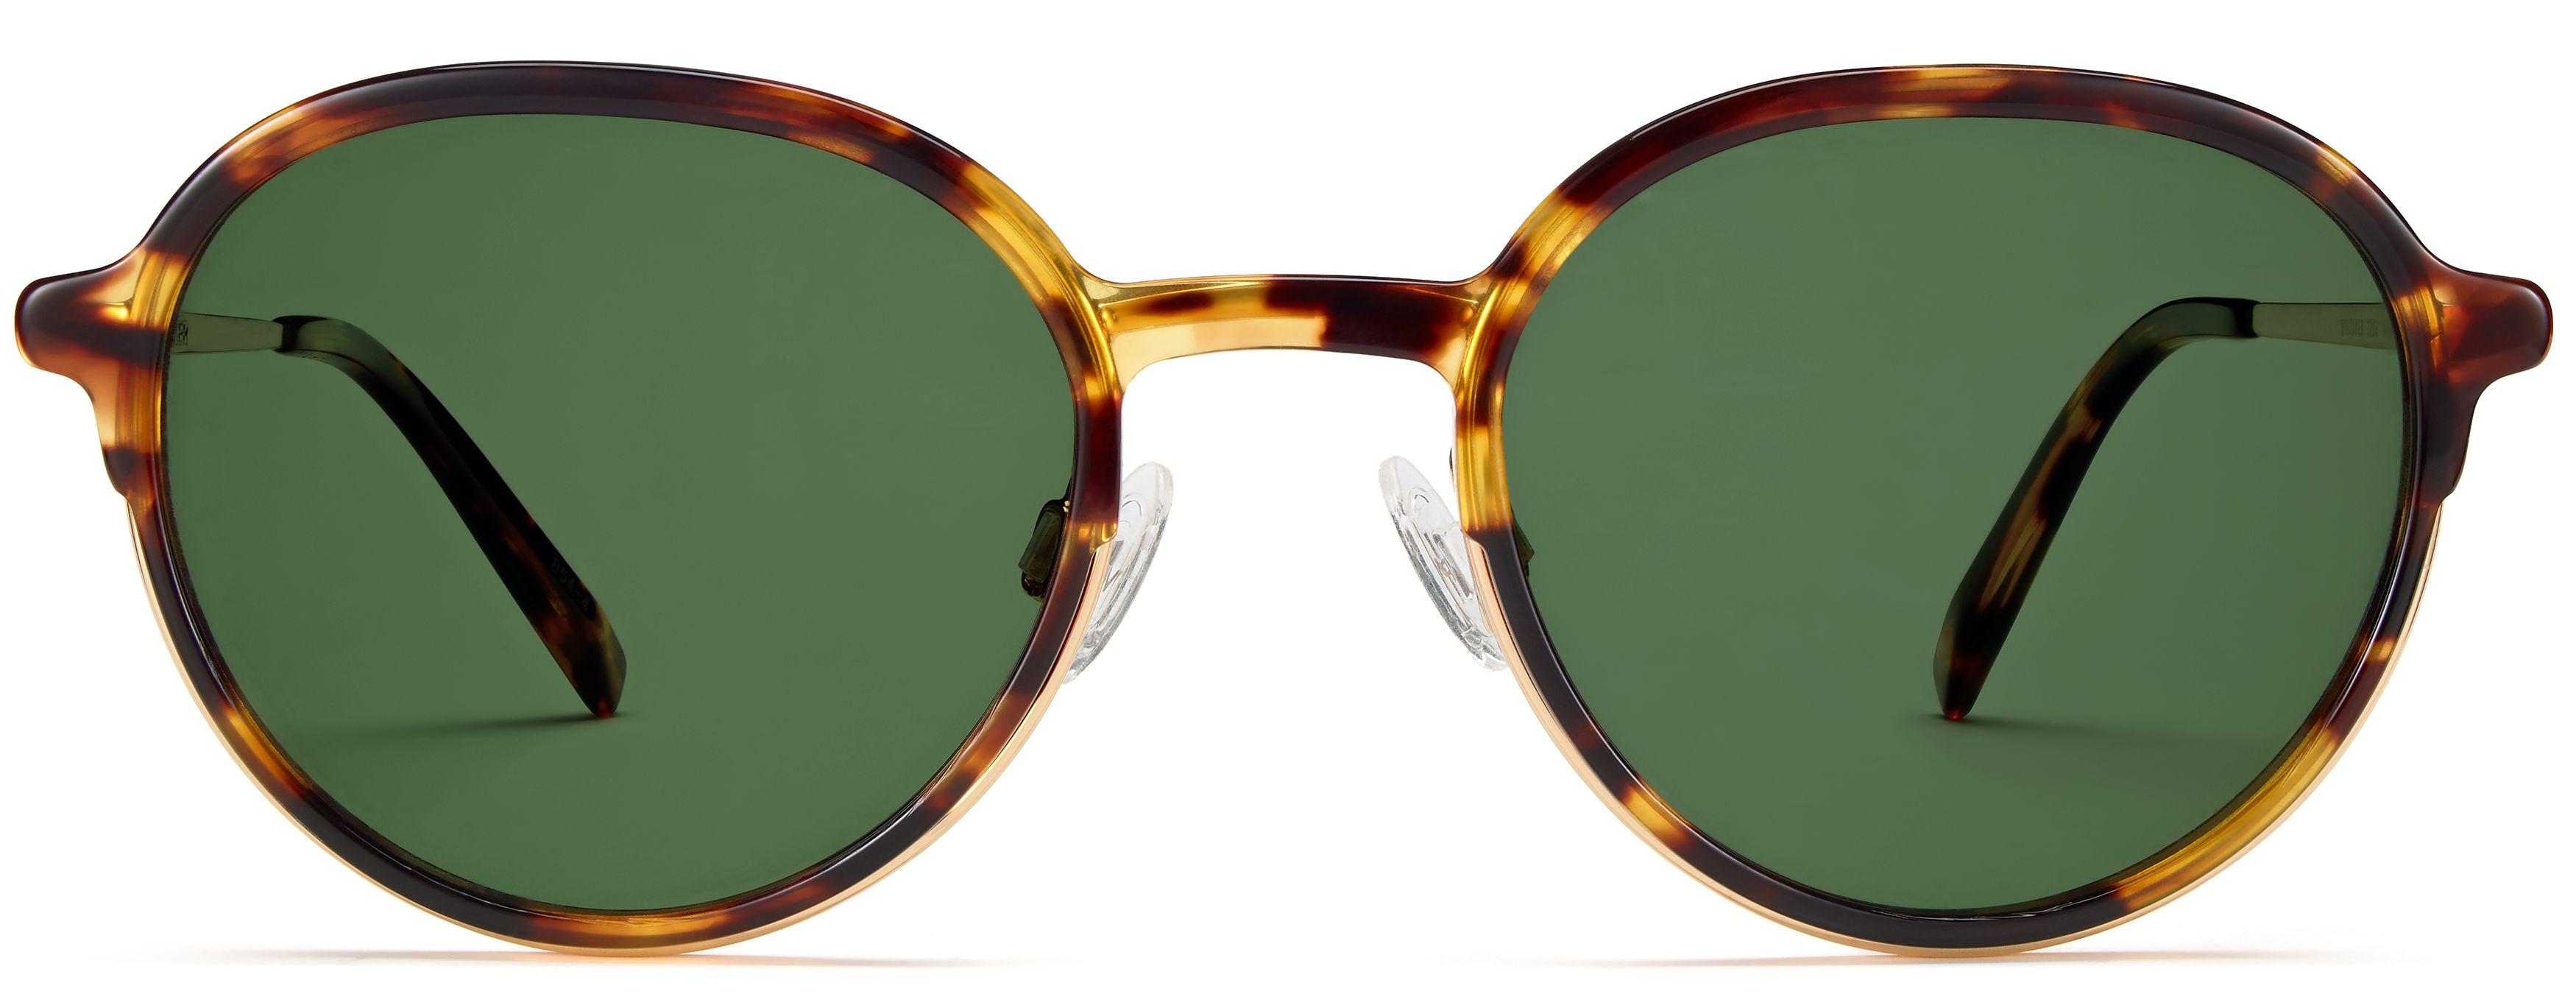 whitaker round sunglasses